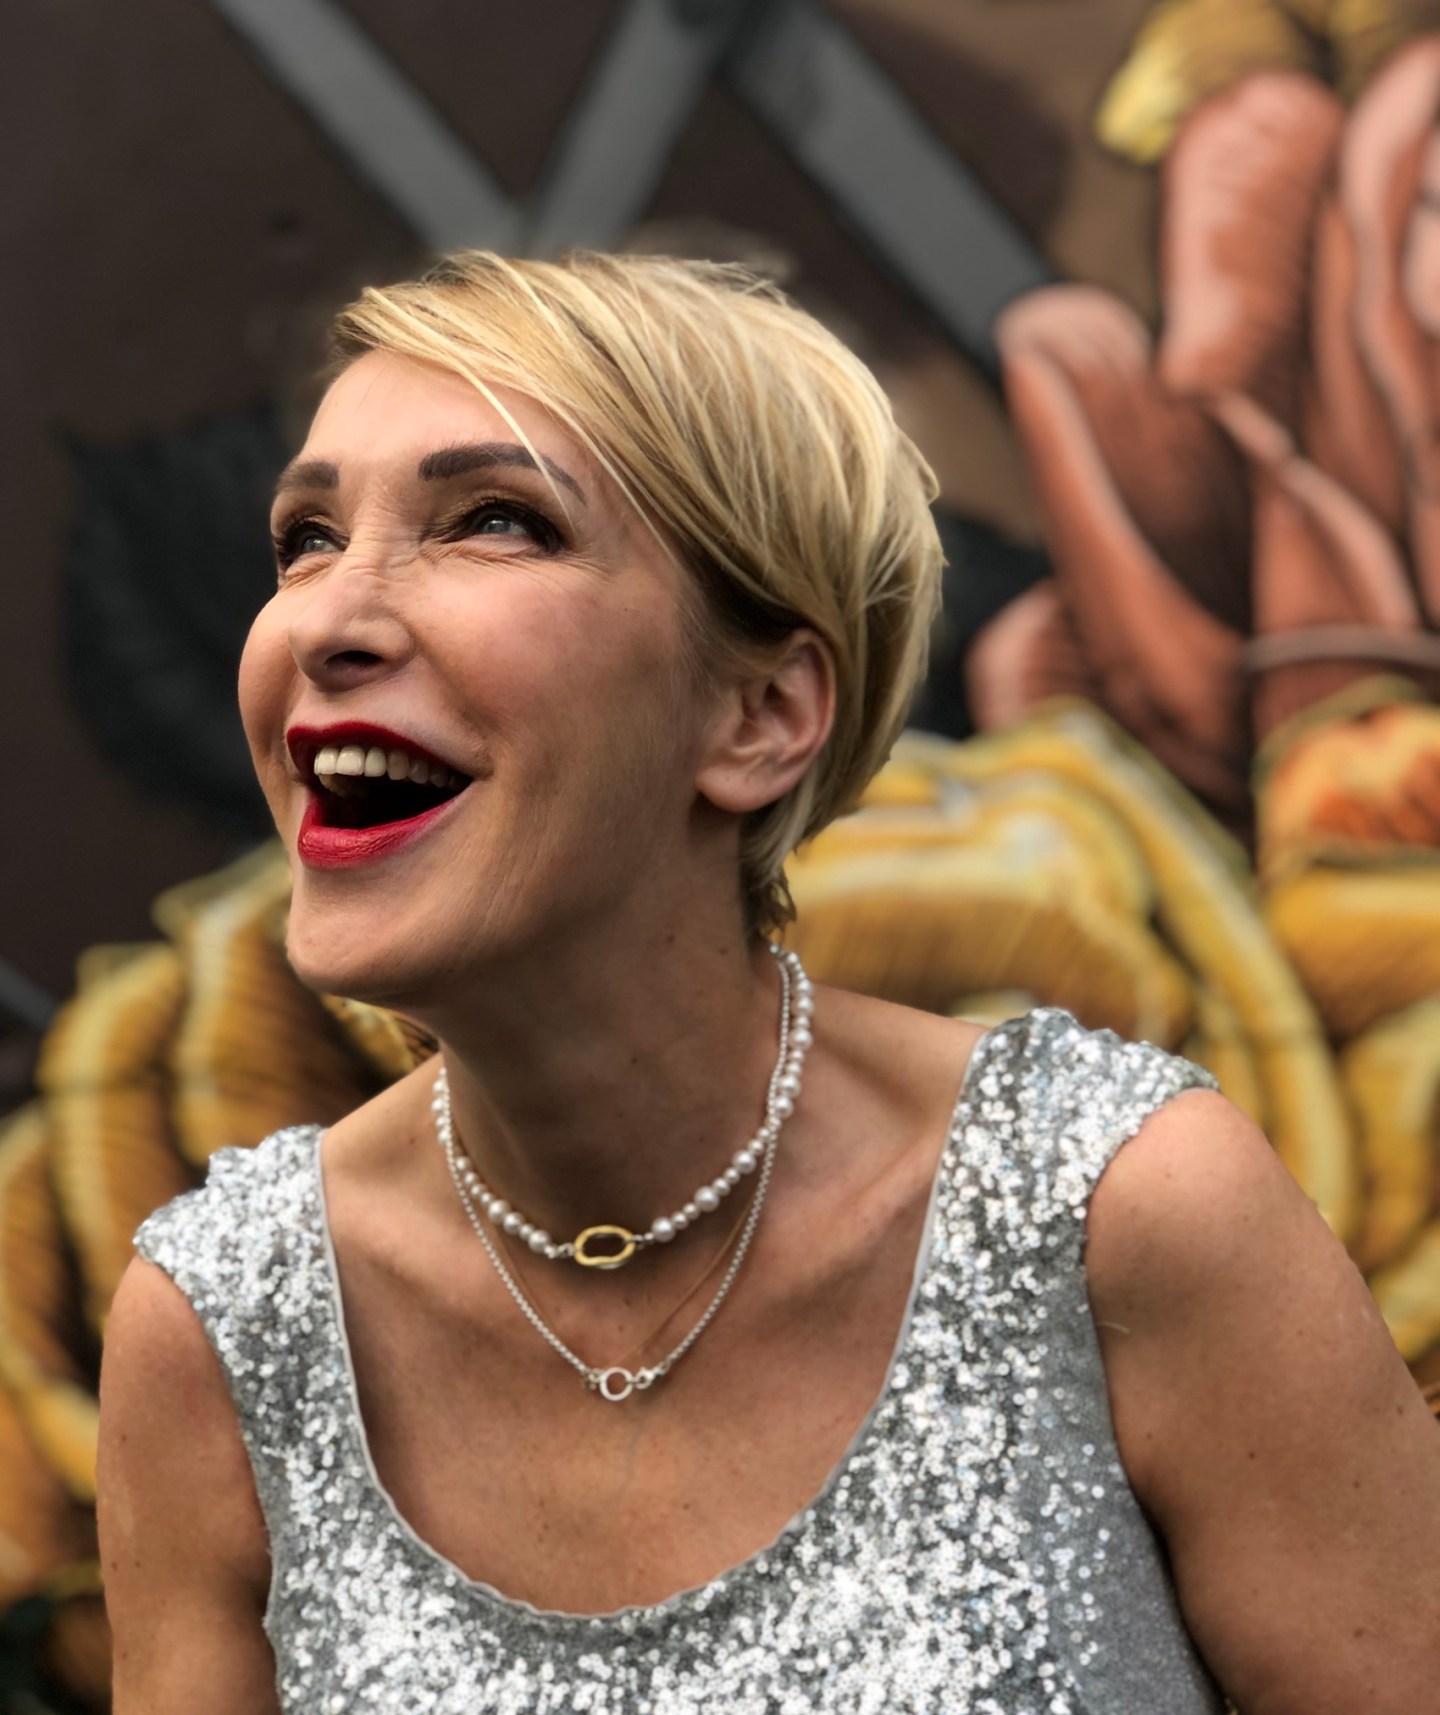 glamupyourlifestyle runte-schmuck Schmuck Aufbewahrung Pflege ue-40-blog ue-50-blog